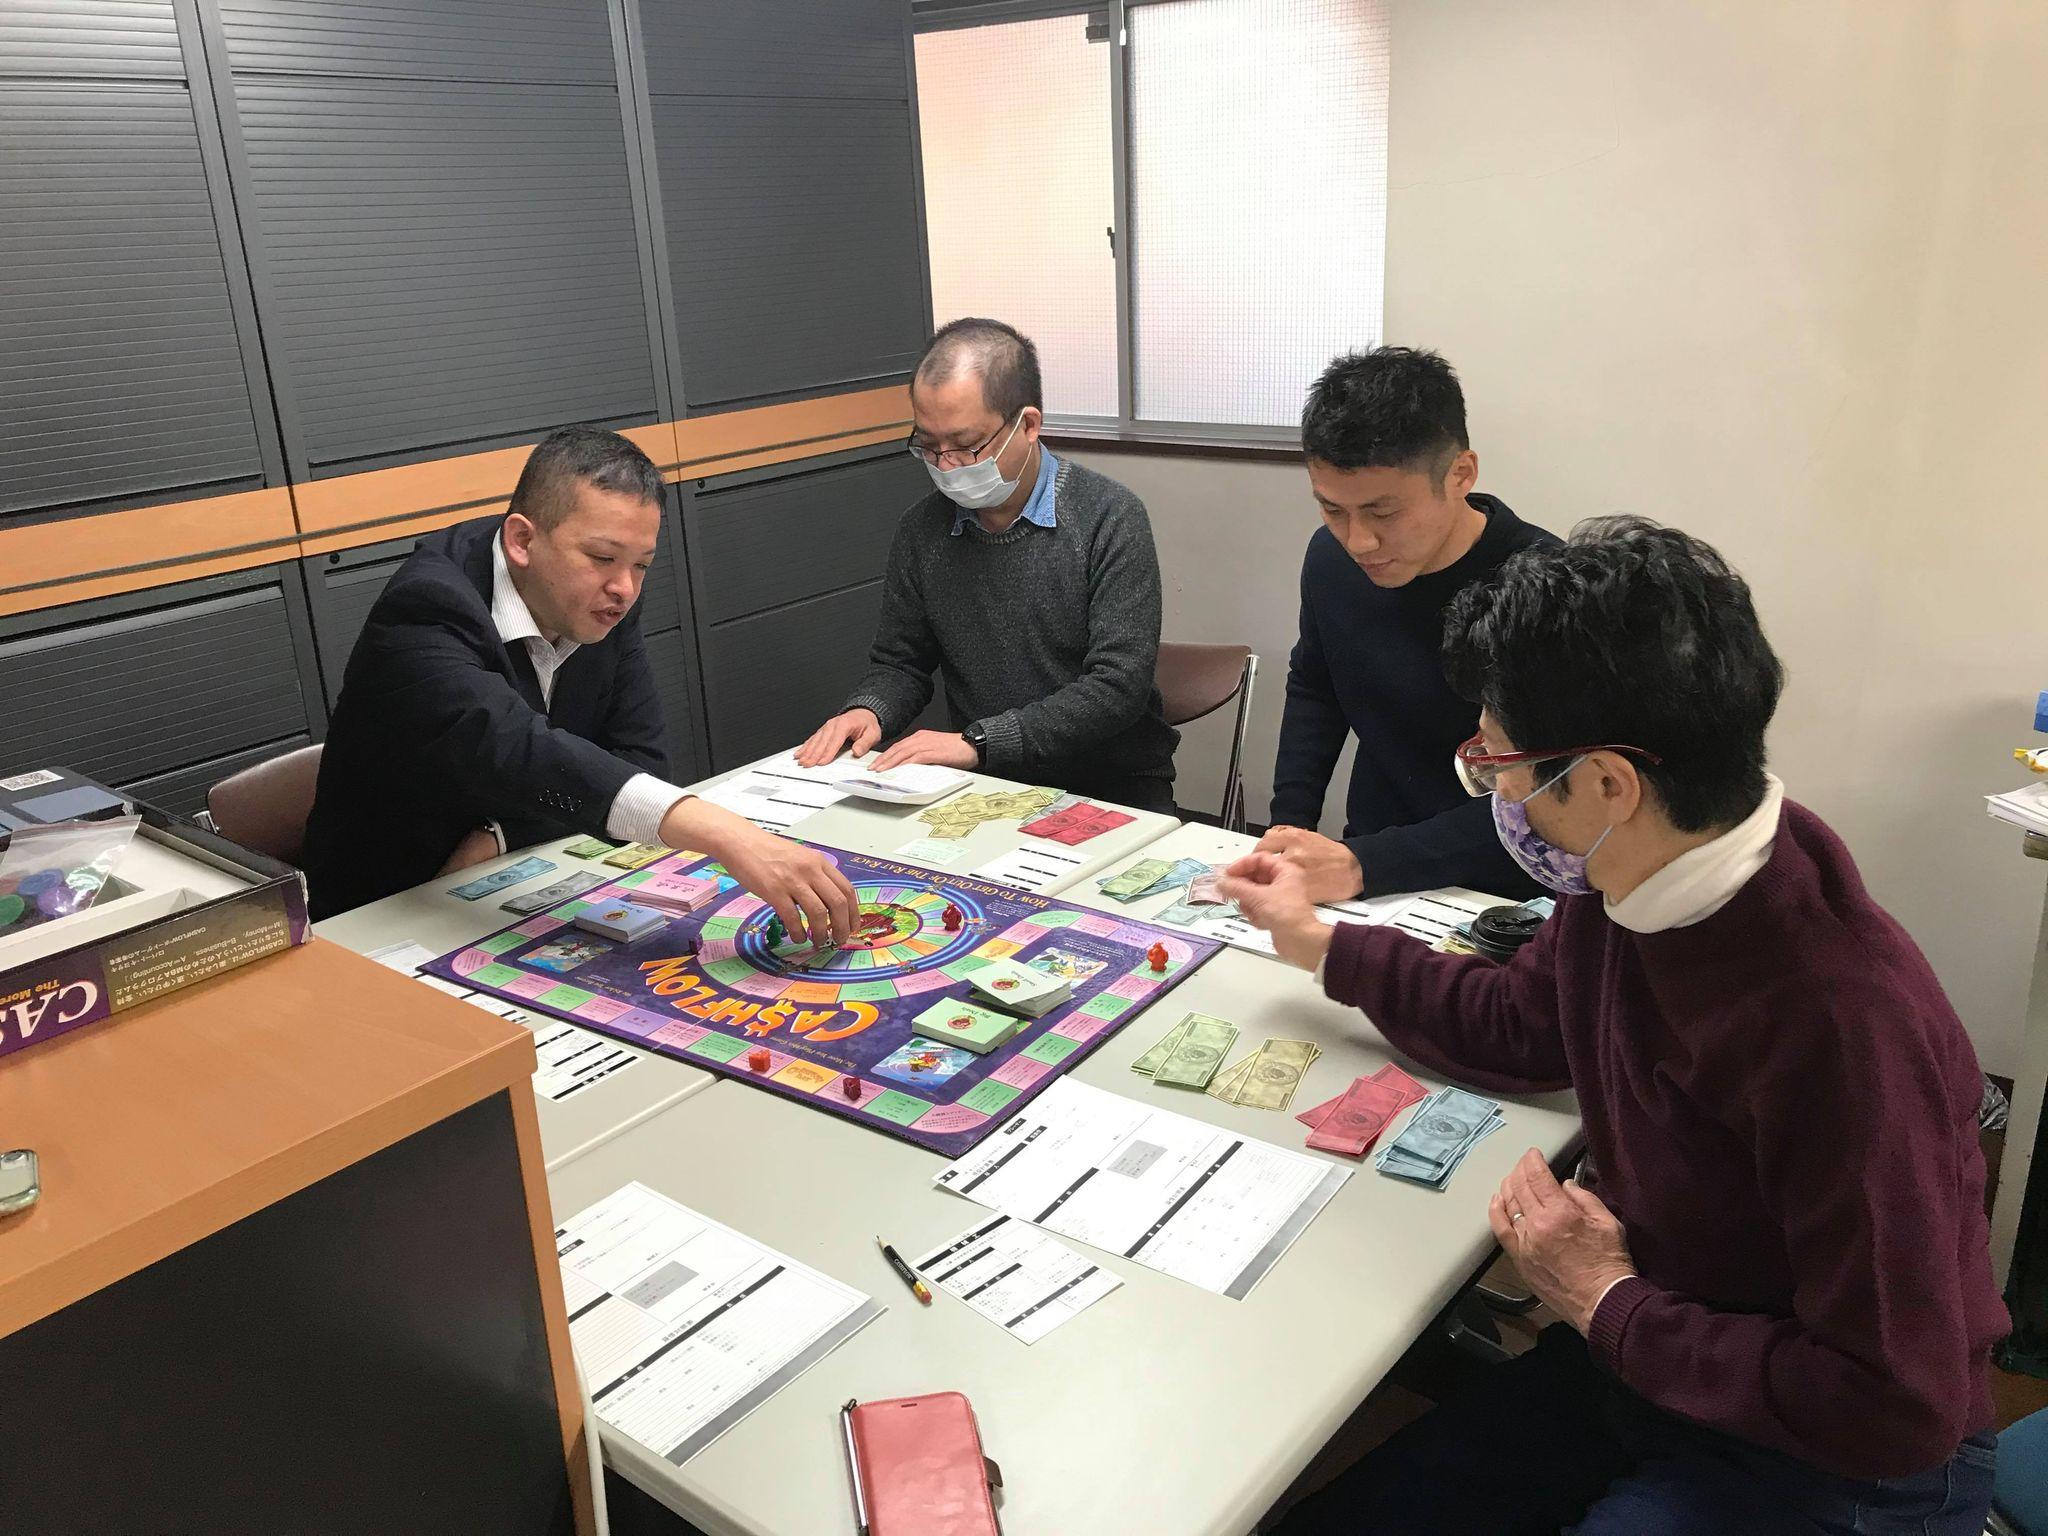 2月28日(木)13:30~ NKCS士業会限定開催!税理士&会計士が主催のキャッシュフローゲーム会 101(初級編)を開催しました